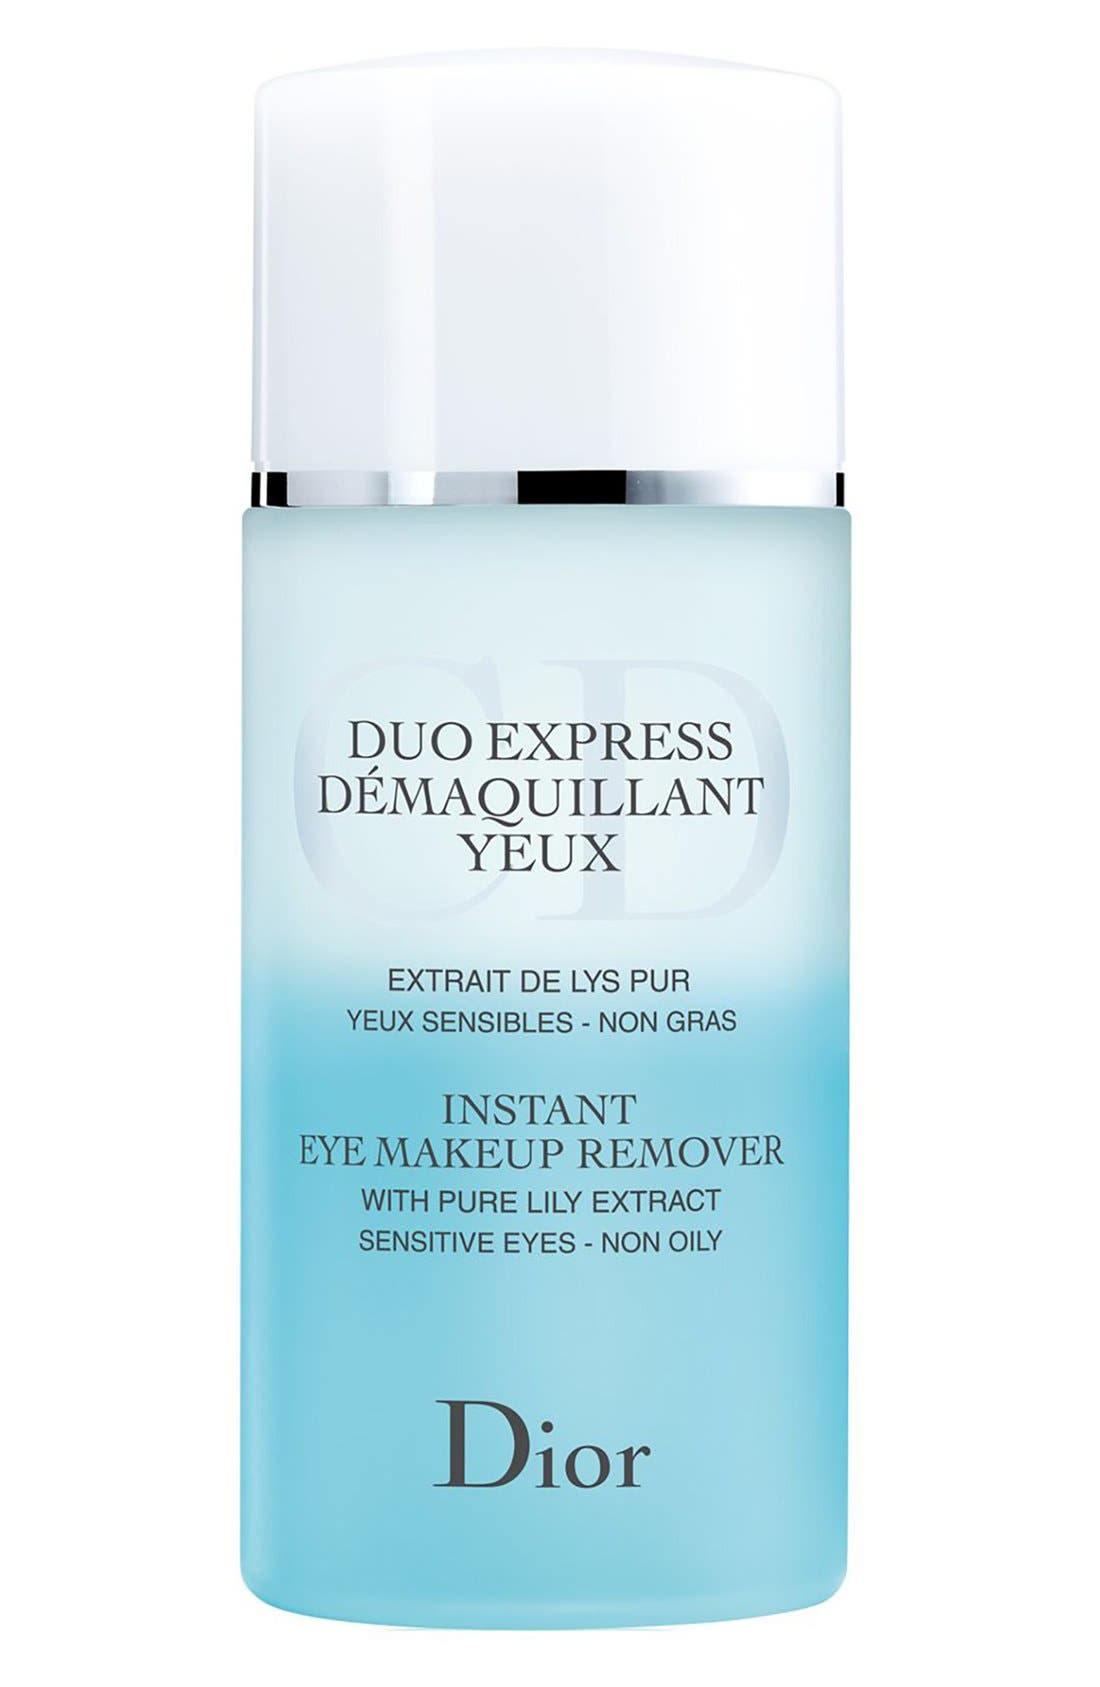 Dior Instant Eye Makeup Remover for Sensitive Eyes